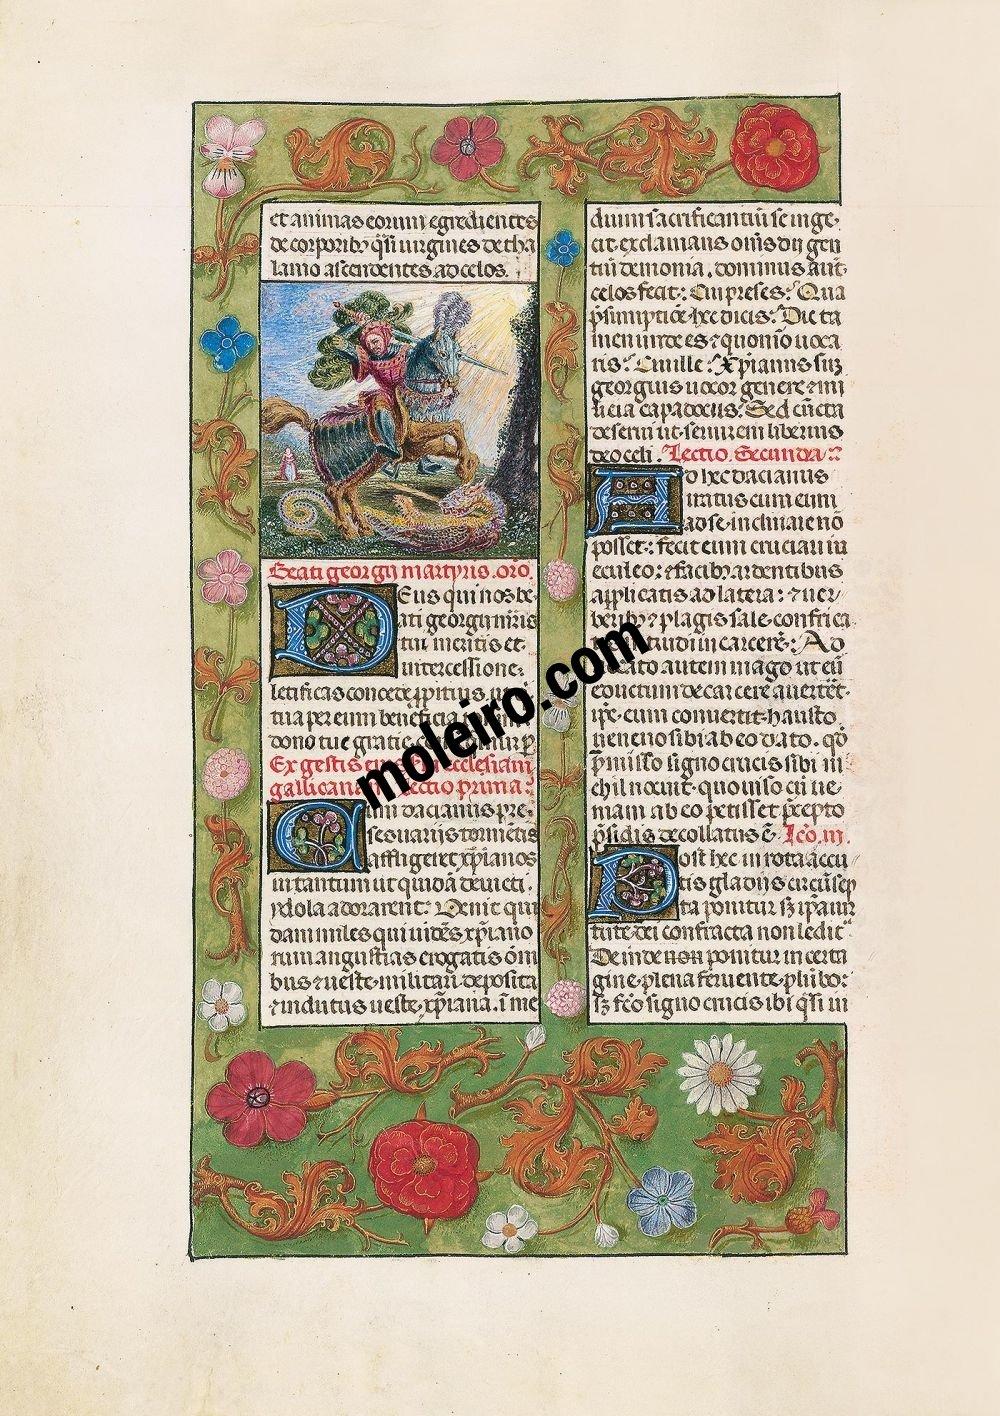 Le Bréviaire d'Isabelle la Catholique f. 363v, Georges (23 avril - xixe siècle)